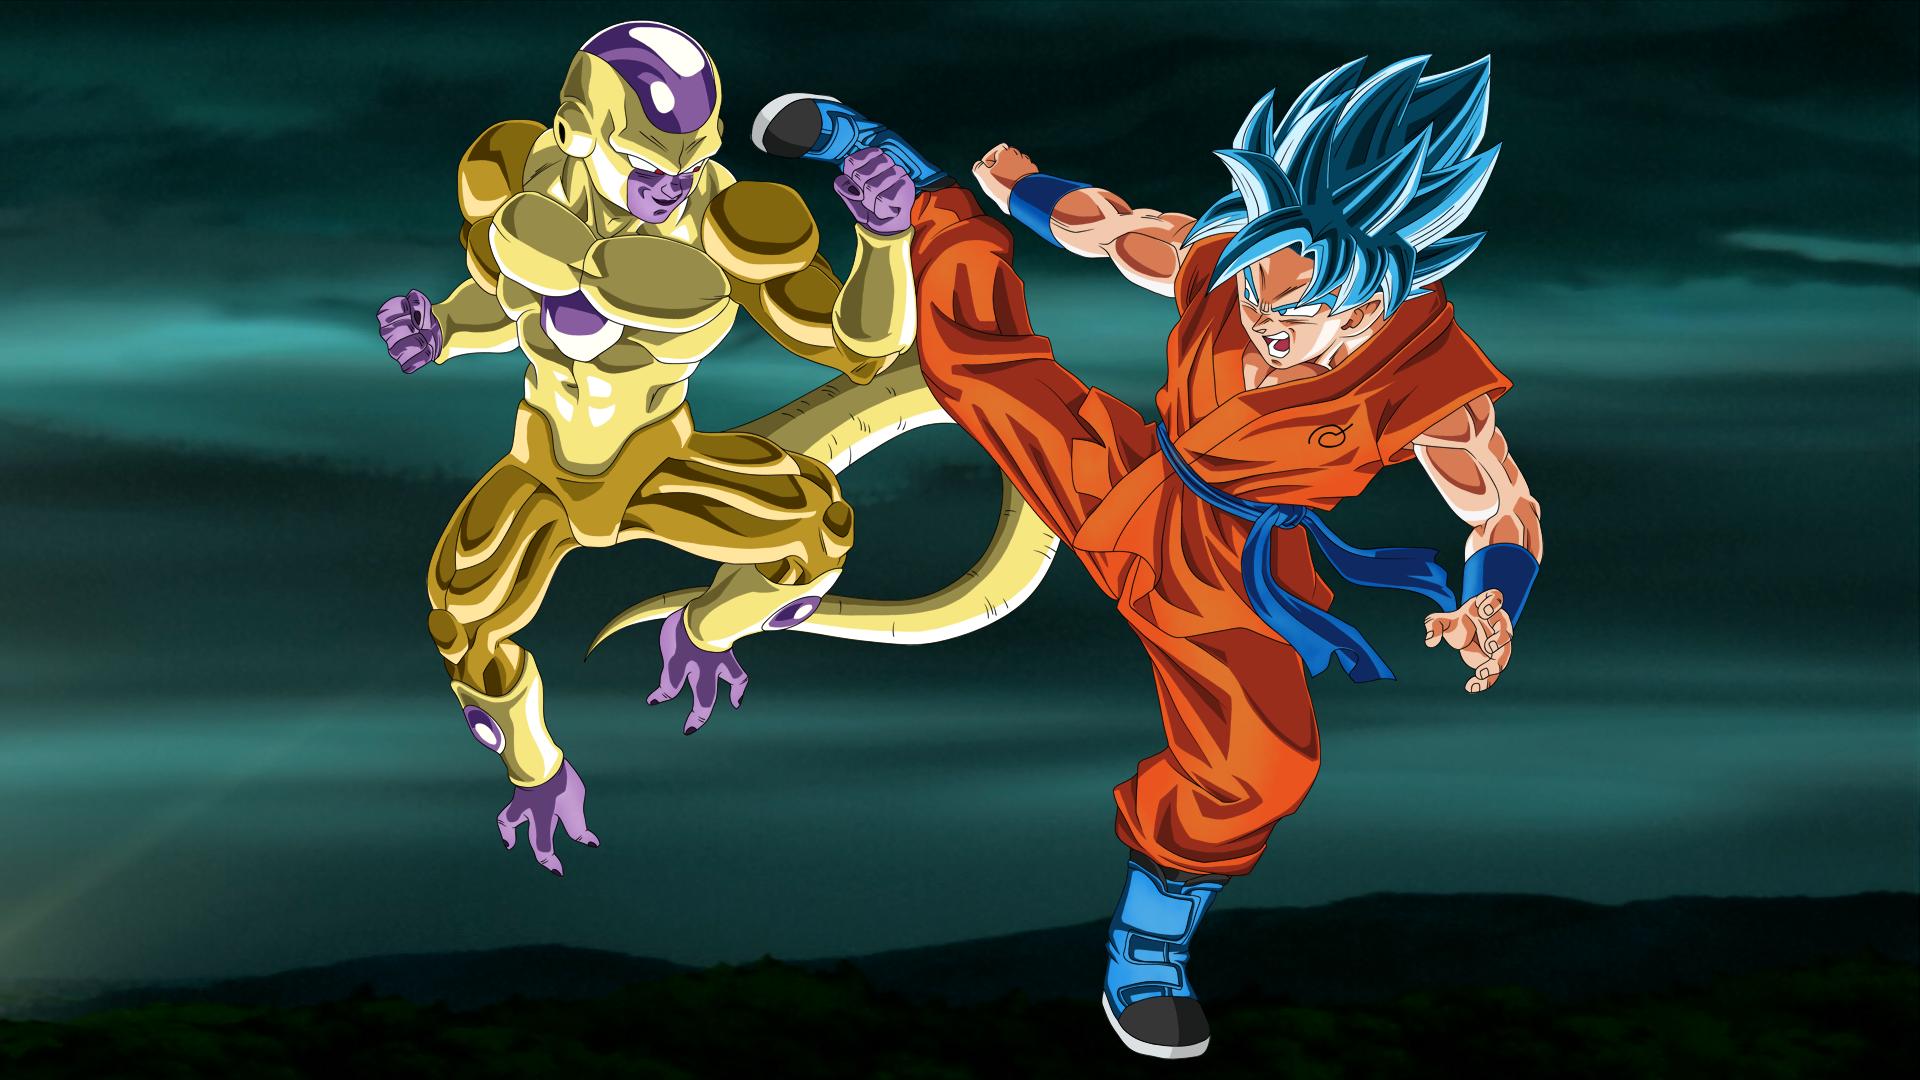 Gold Frieza Vs SSGSS Goku No Aura 1920x1080 By EymSmiley